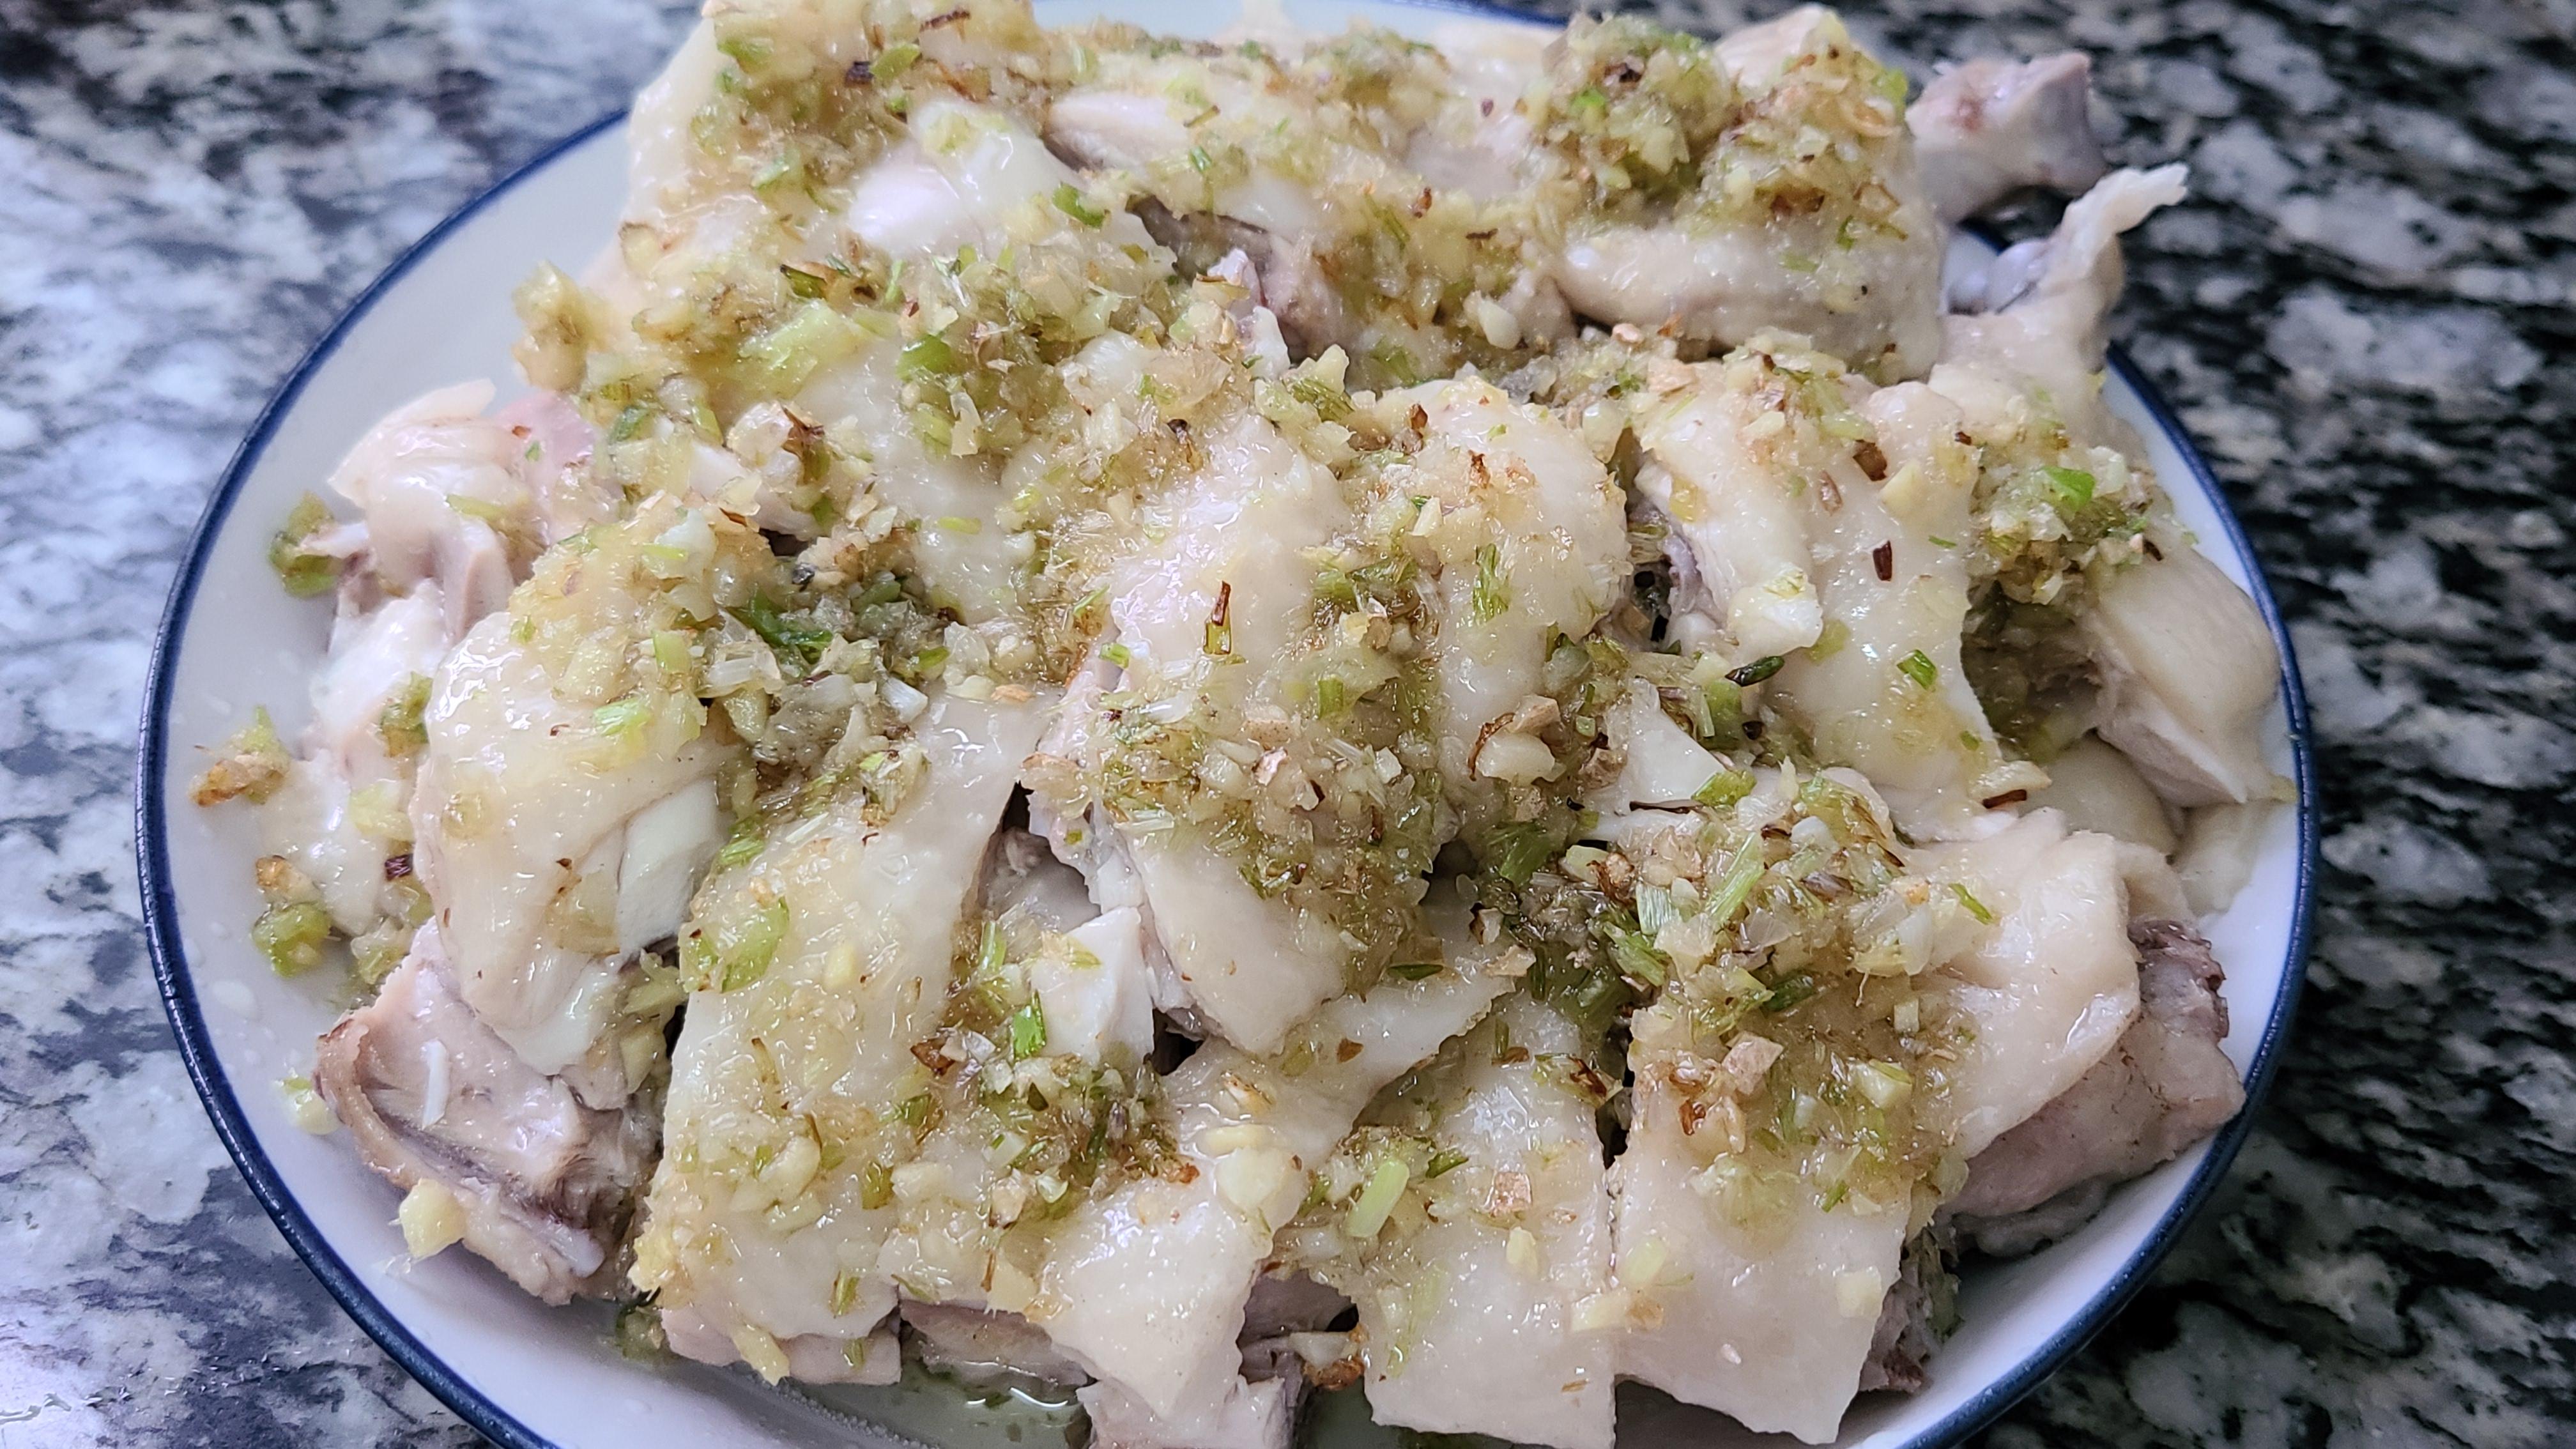 蔥油雞,廣東又香又美味的一道家常菜,看著直流口水